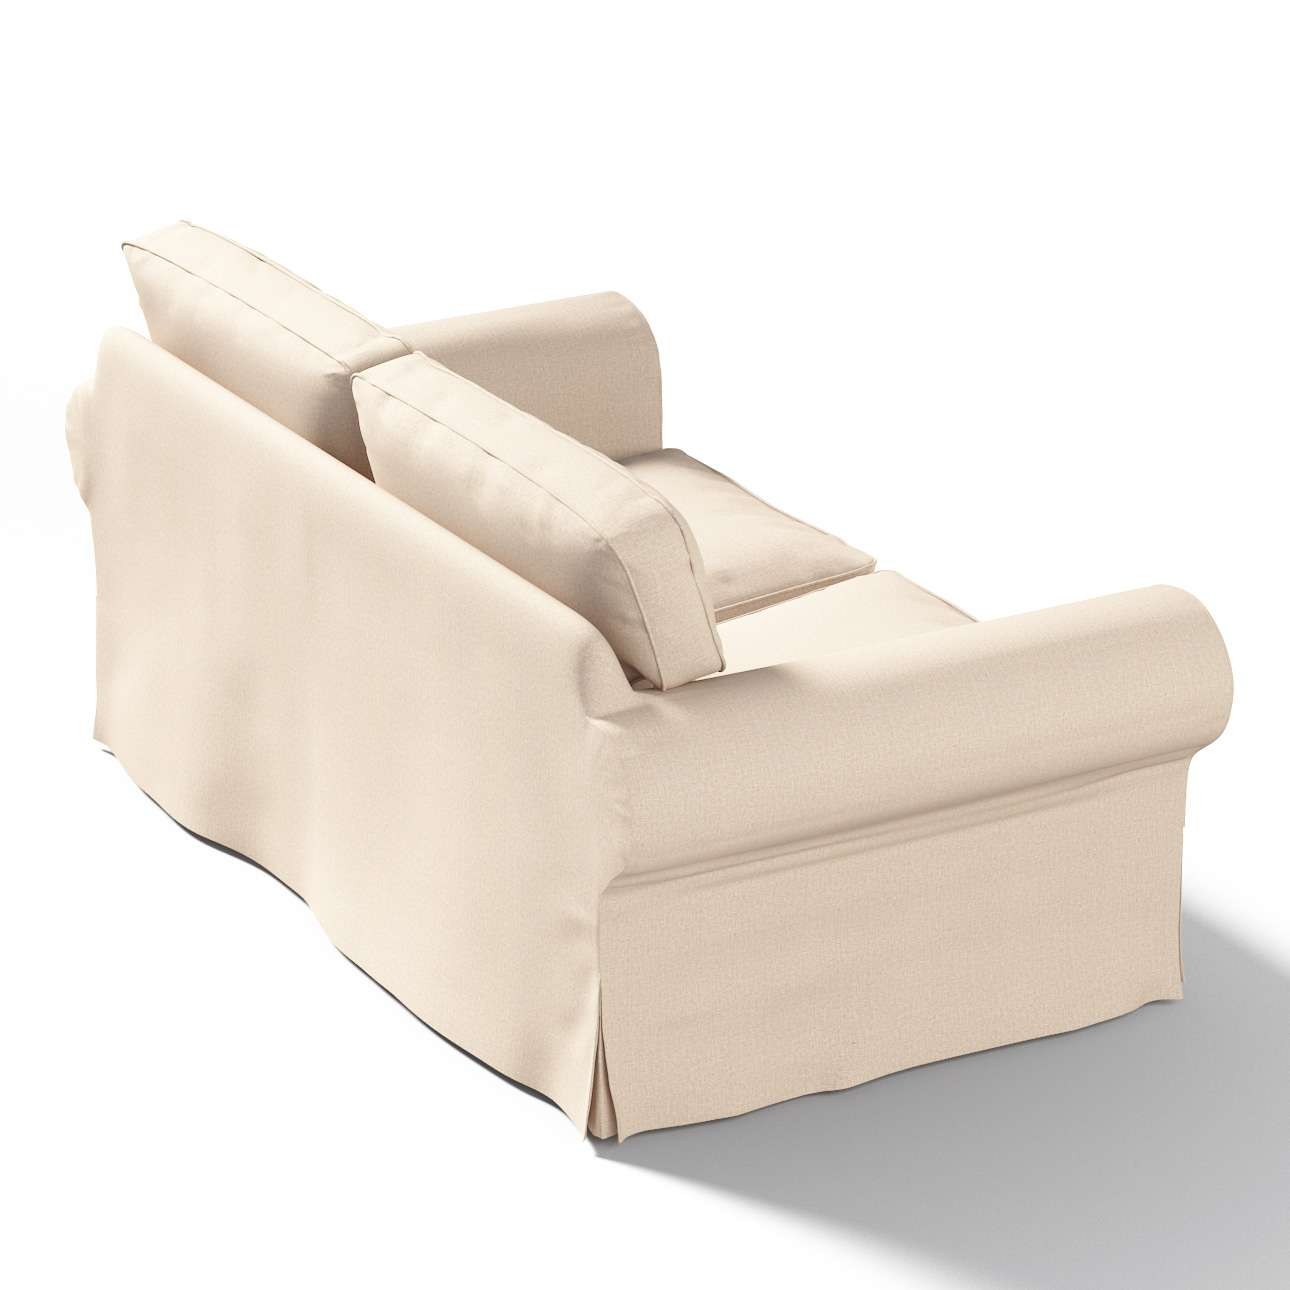 Ektorp dvivietės sofos užvalkalas Ektorp dvivietės sofos užvalkalas kolekcijoje Edinburgh , audinys: 115-78